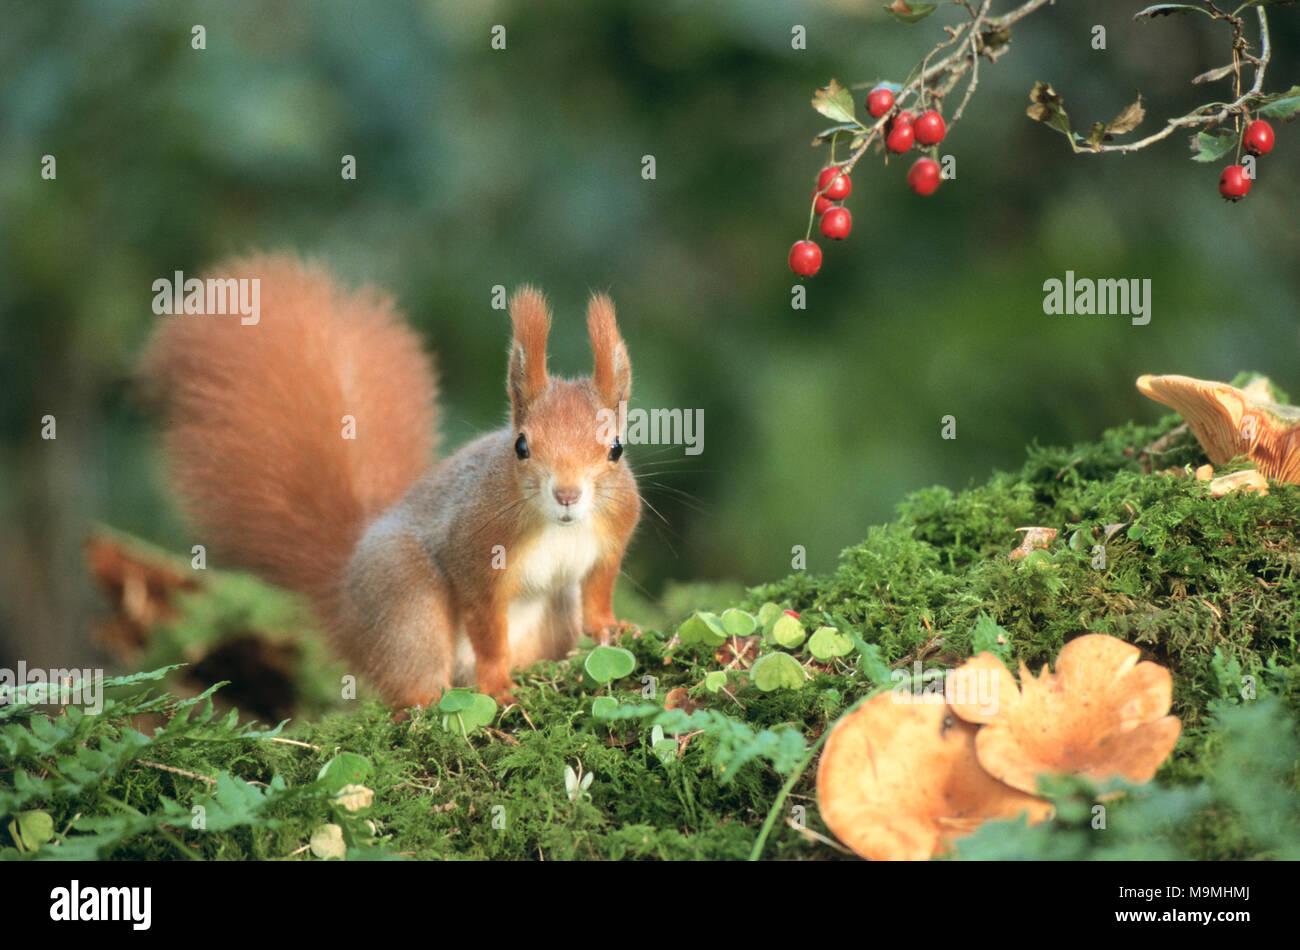 Unión ardilla roja (Sciurus vulgaris) junto a Crataegus bayas. Alemania Imagen De Stock